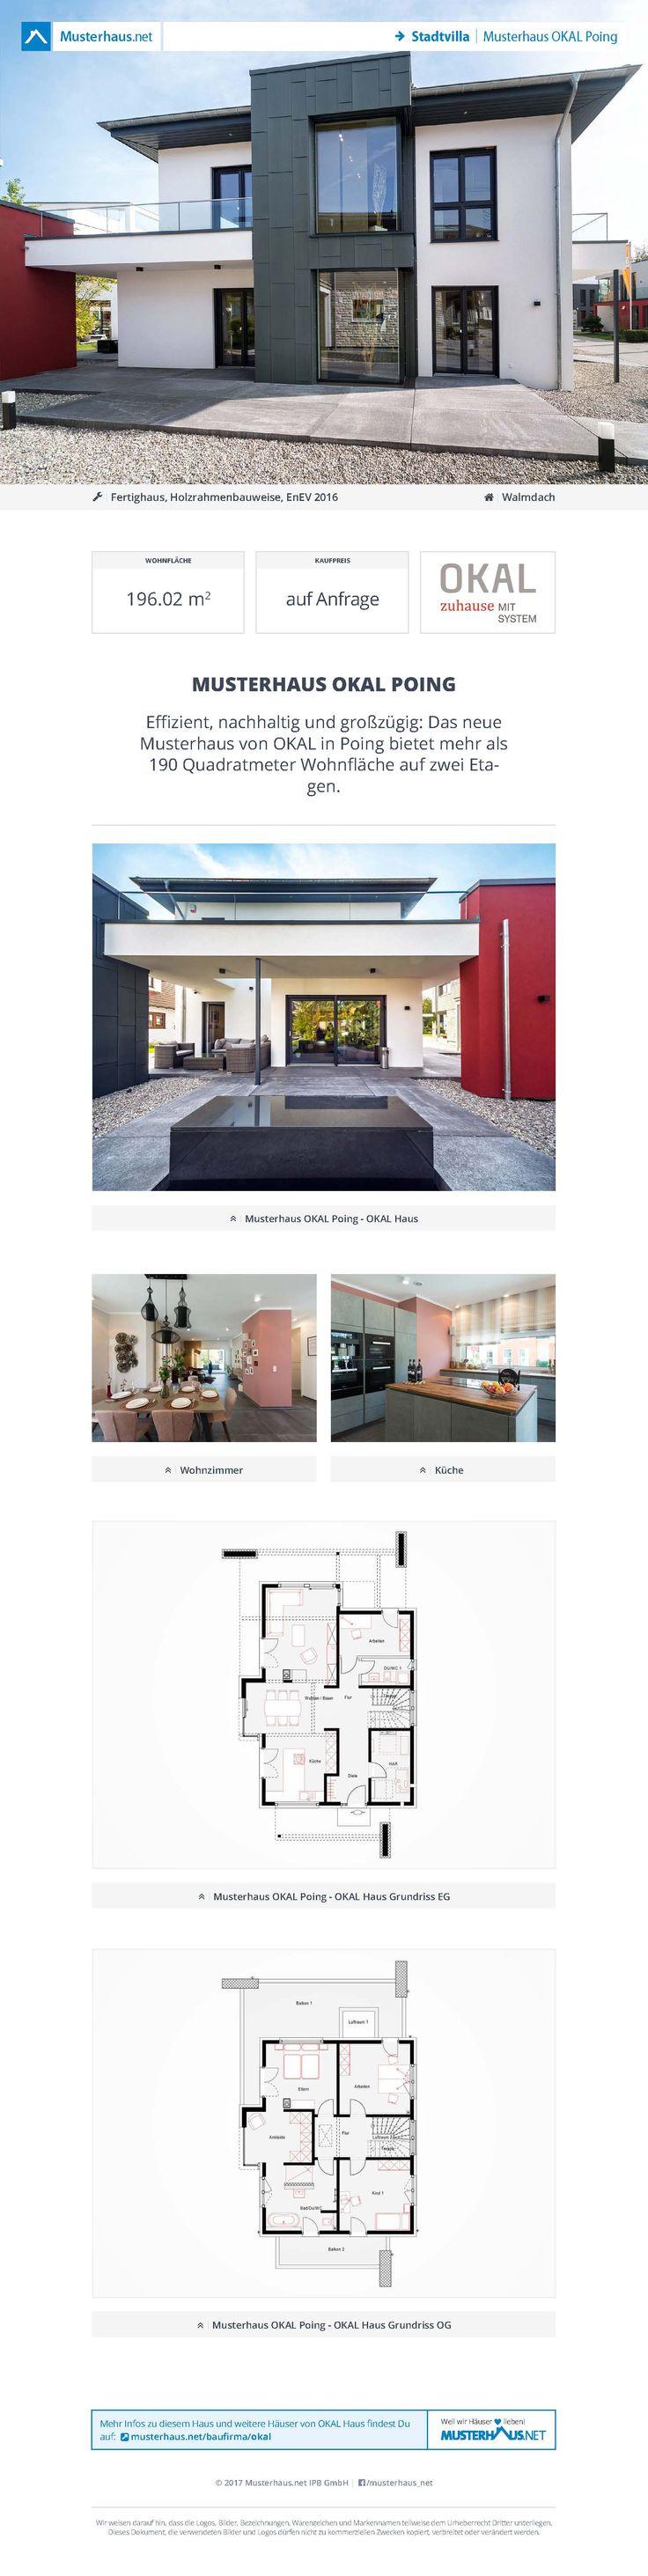 20 best Architektenhaus images on Pinterest | Kostenlos, Frei und ...